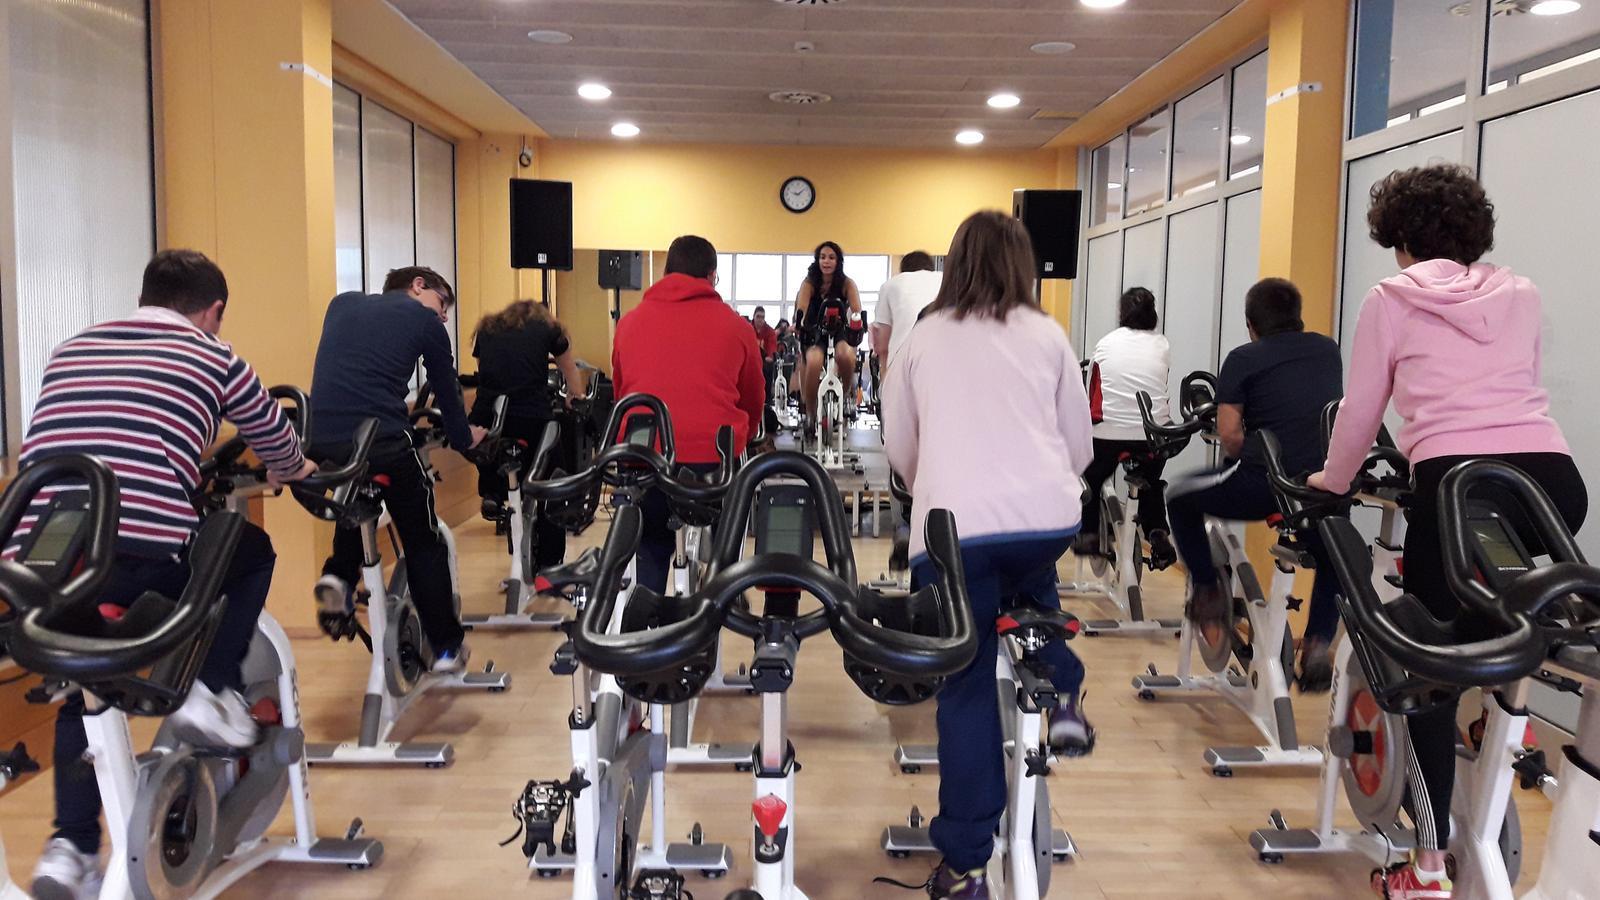 Els usuaris del programa en una de les activitats físiques que poden fer. / EENSM